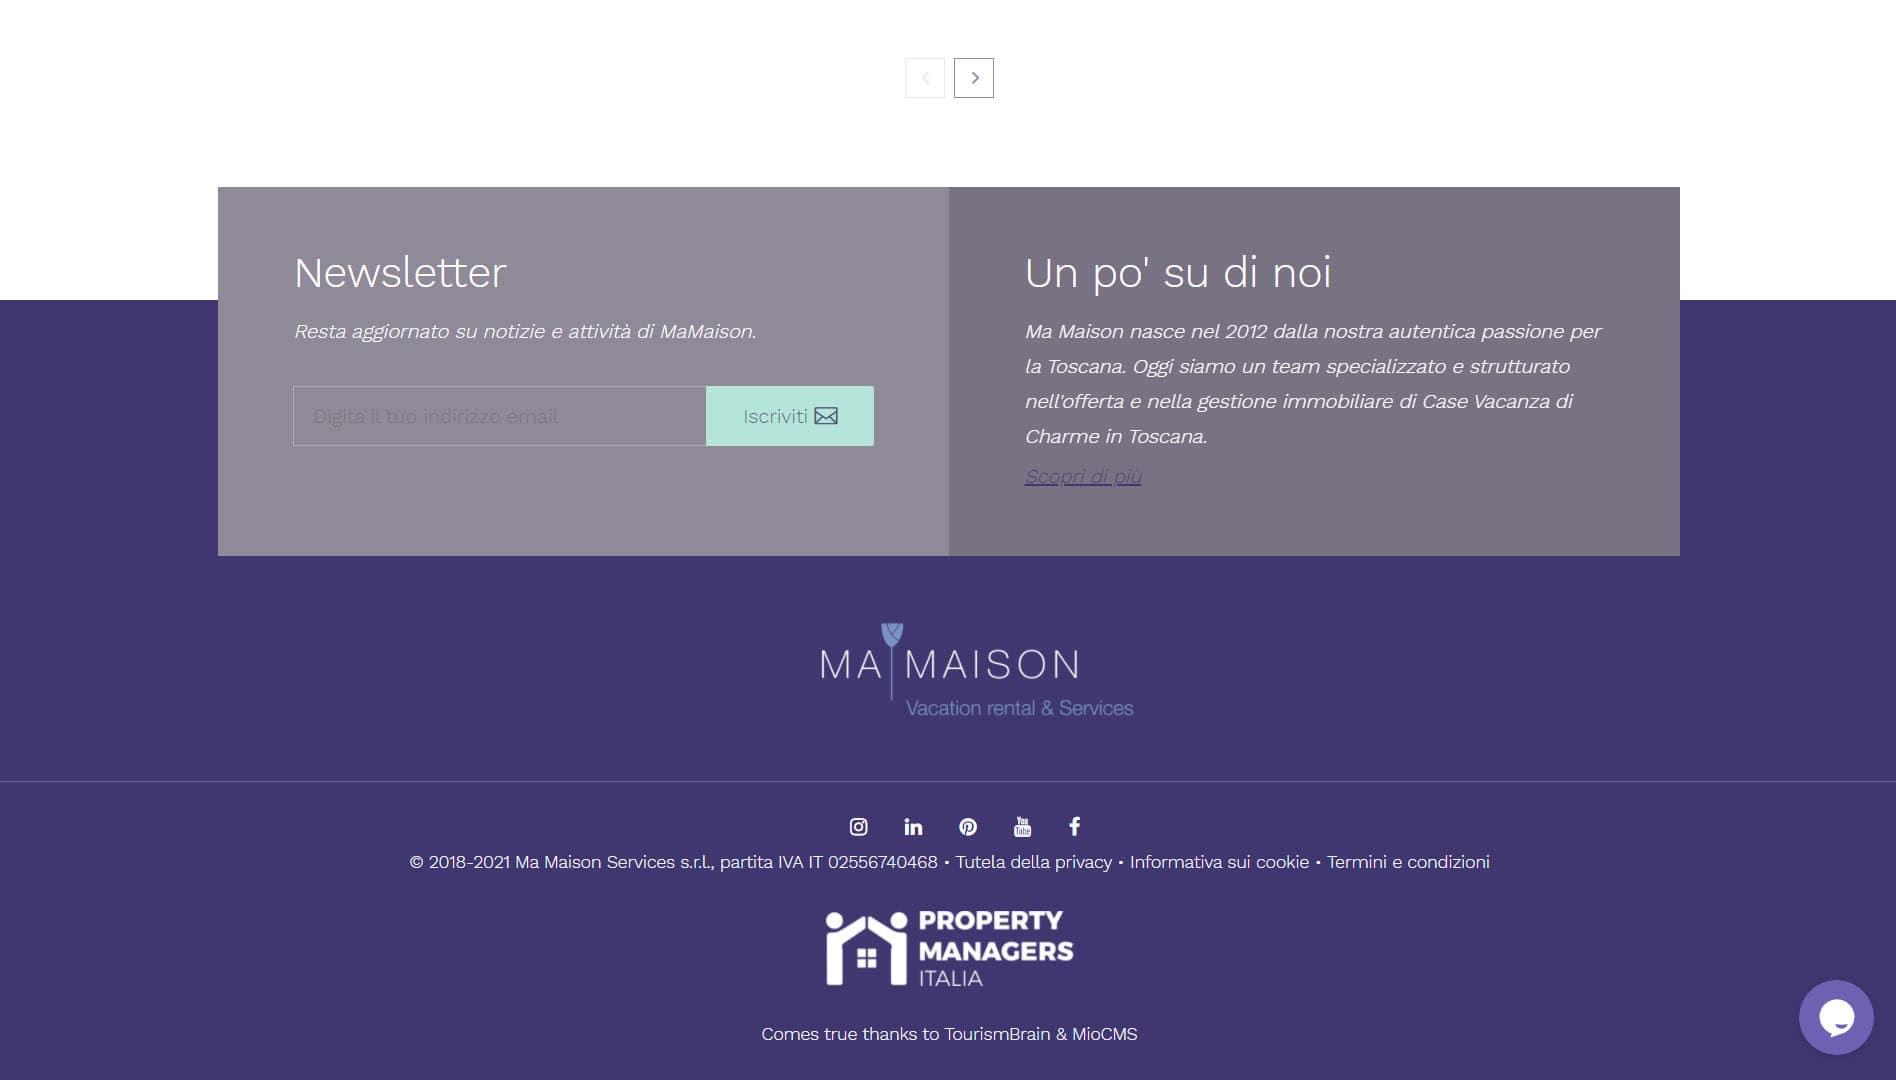 Mamaison Services 5